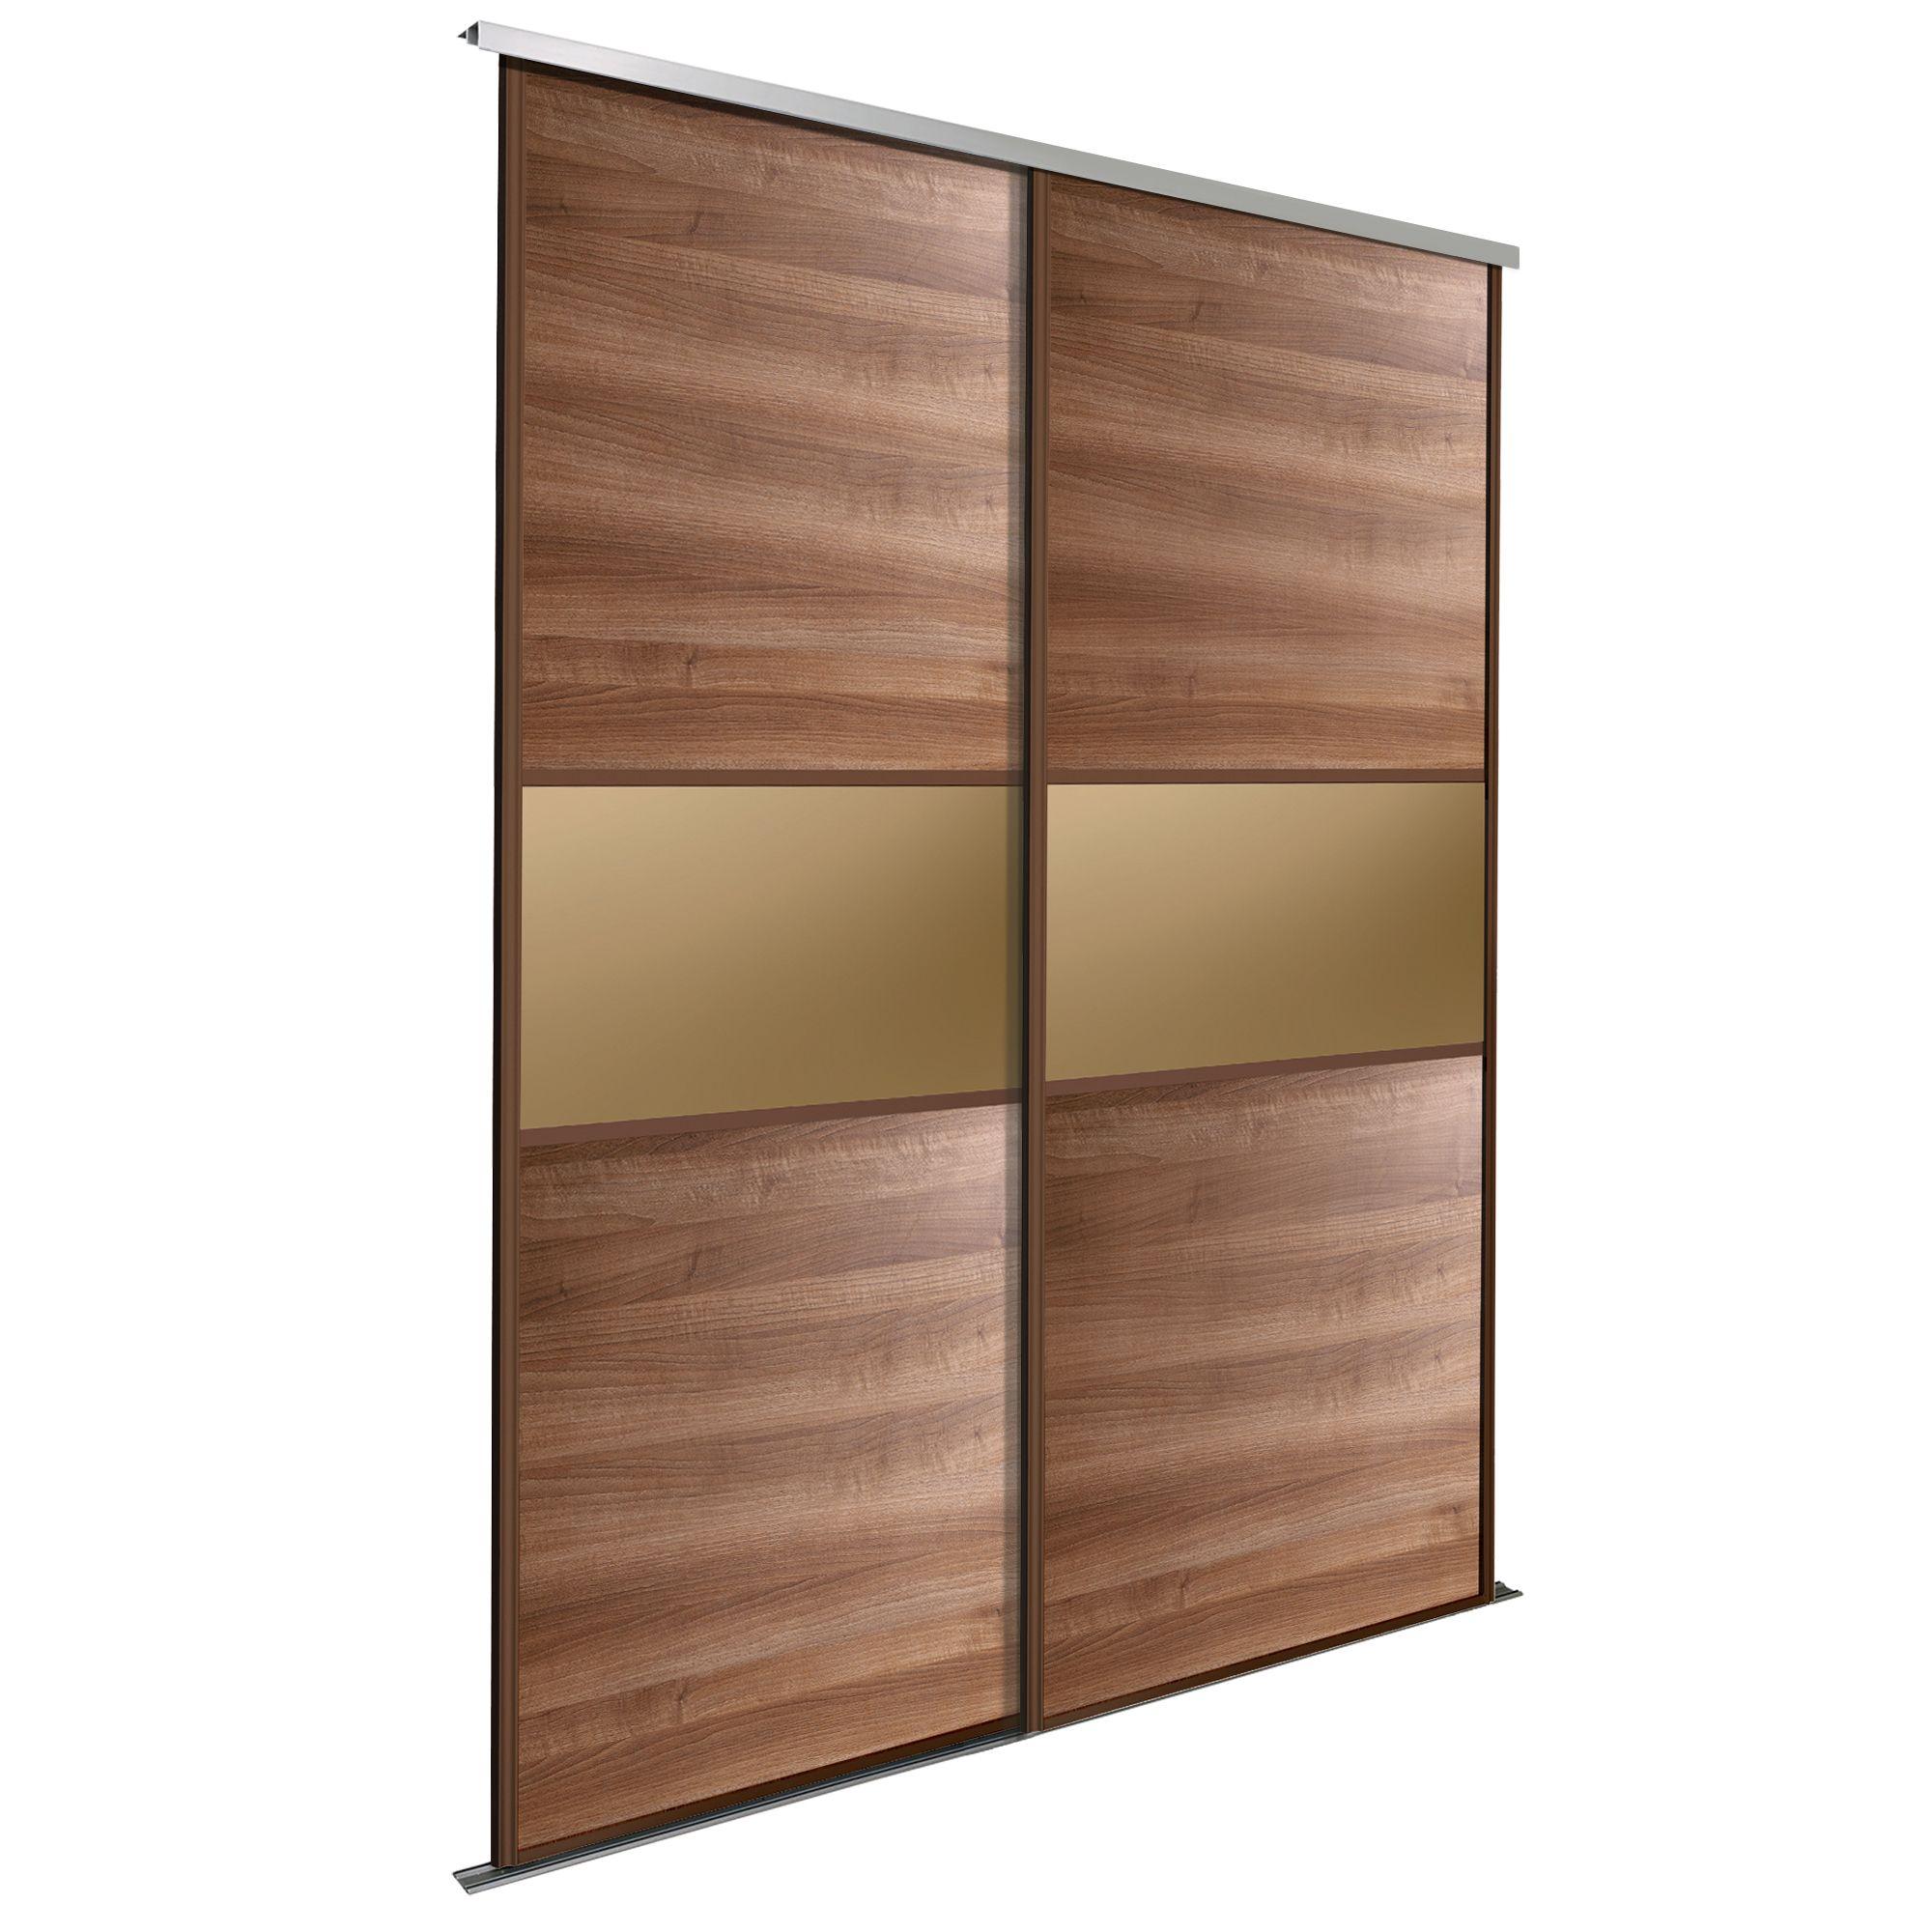 Fineline Bronze Walnut Effect Sliding Wardrobe Door Kit (h)2200 Mm (w)762 Mm, Pack Of 2